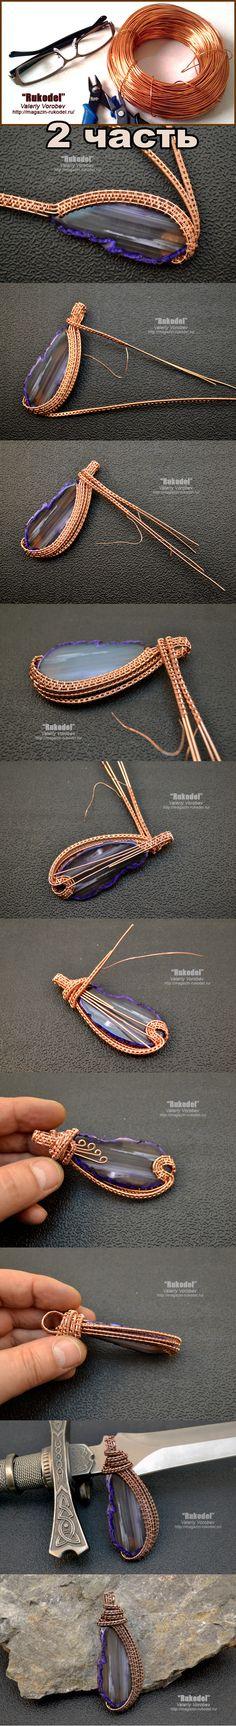 Кулон из проволоки с агатом Wire Wrapping. | Рукодел